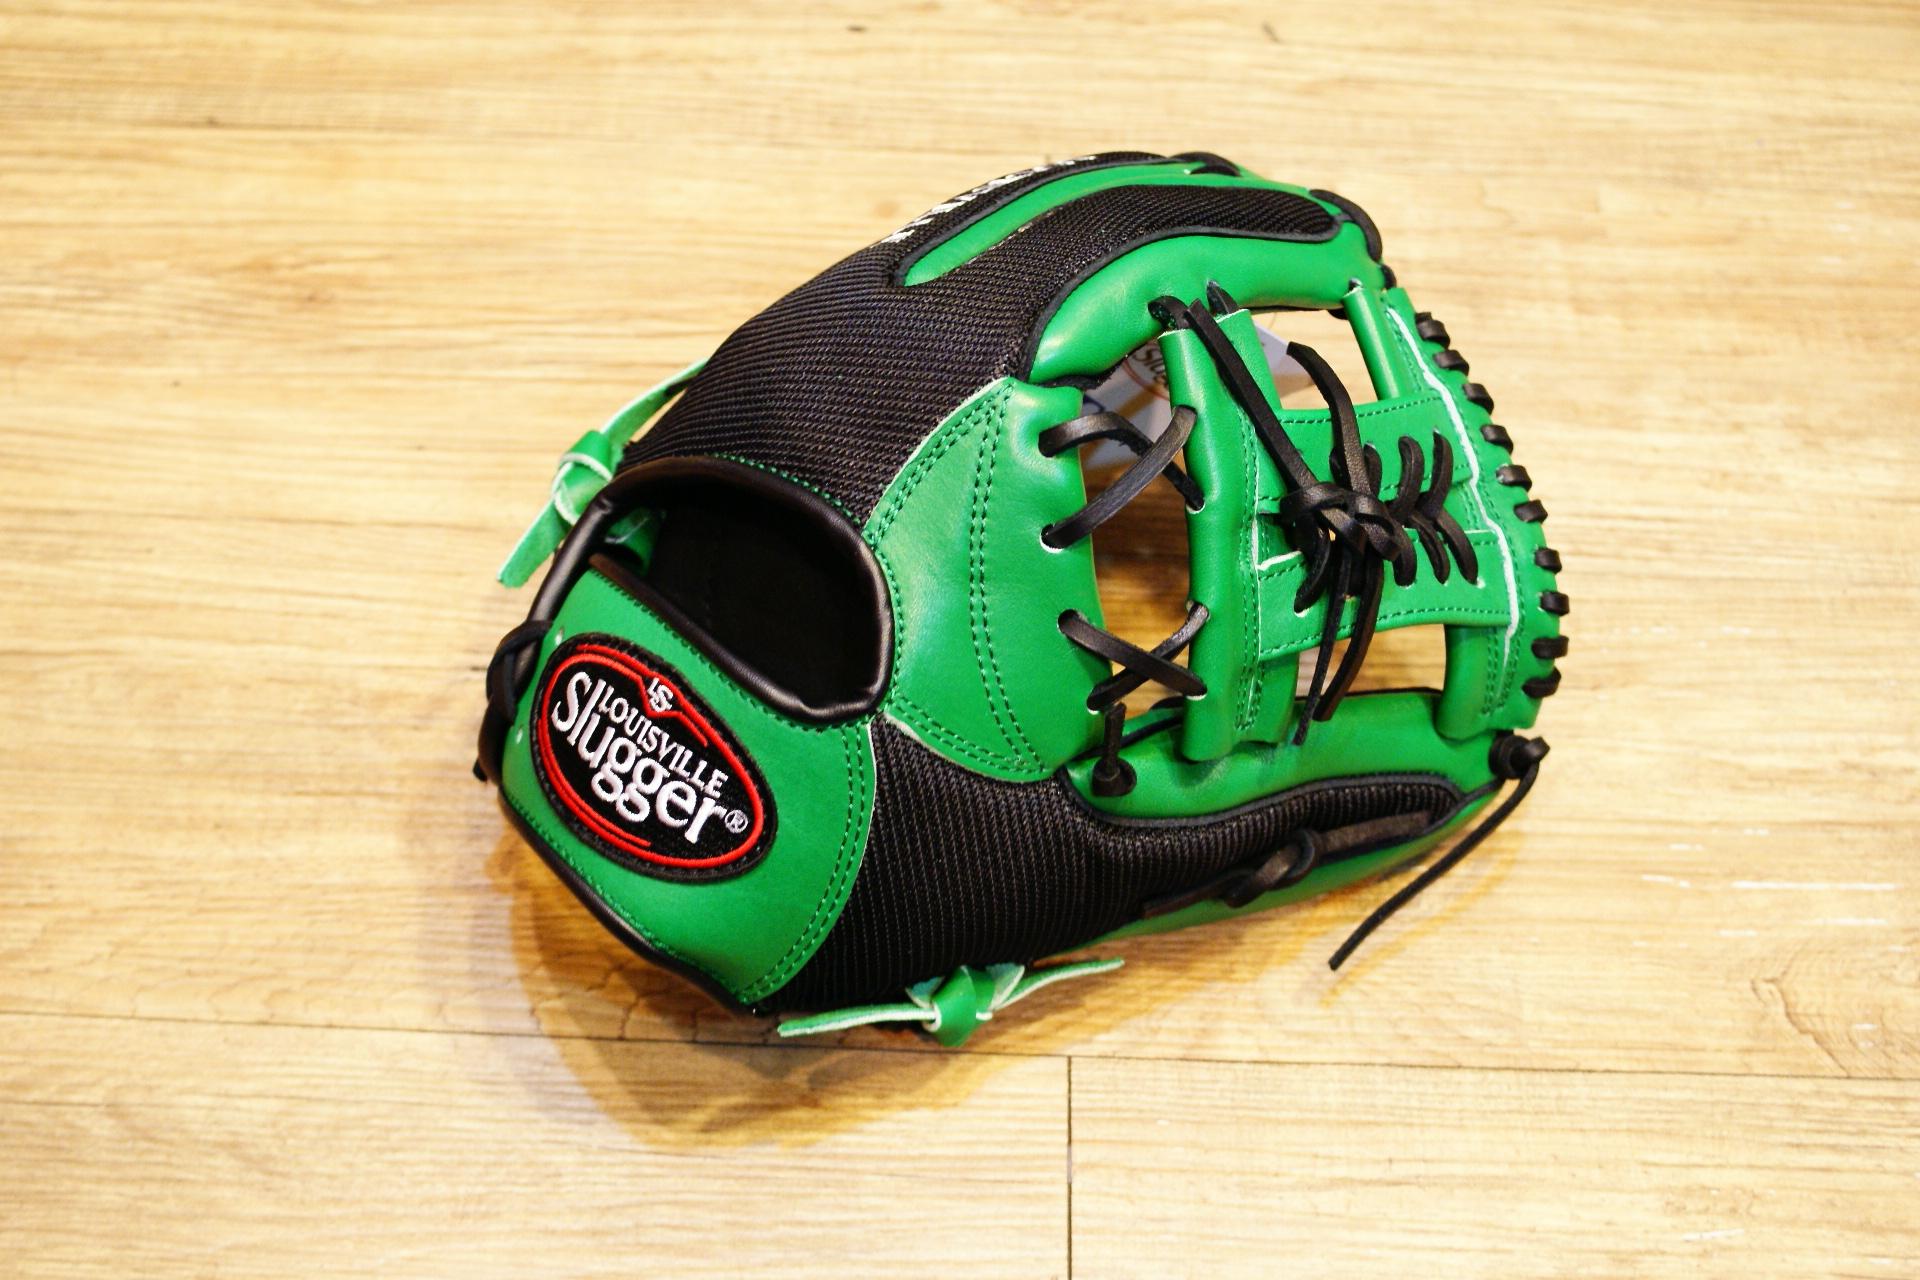 棒球世界 Louisvill Slugger 路易斯威爾TPX LS AIR布織布 內野工字棒壘球手套 特價 黑綠